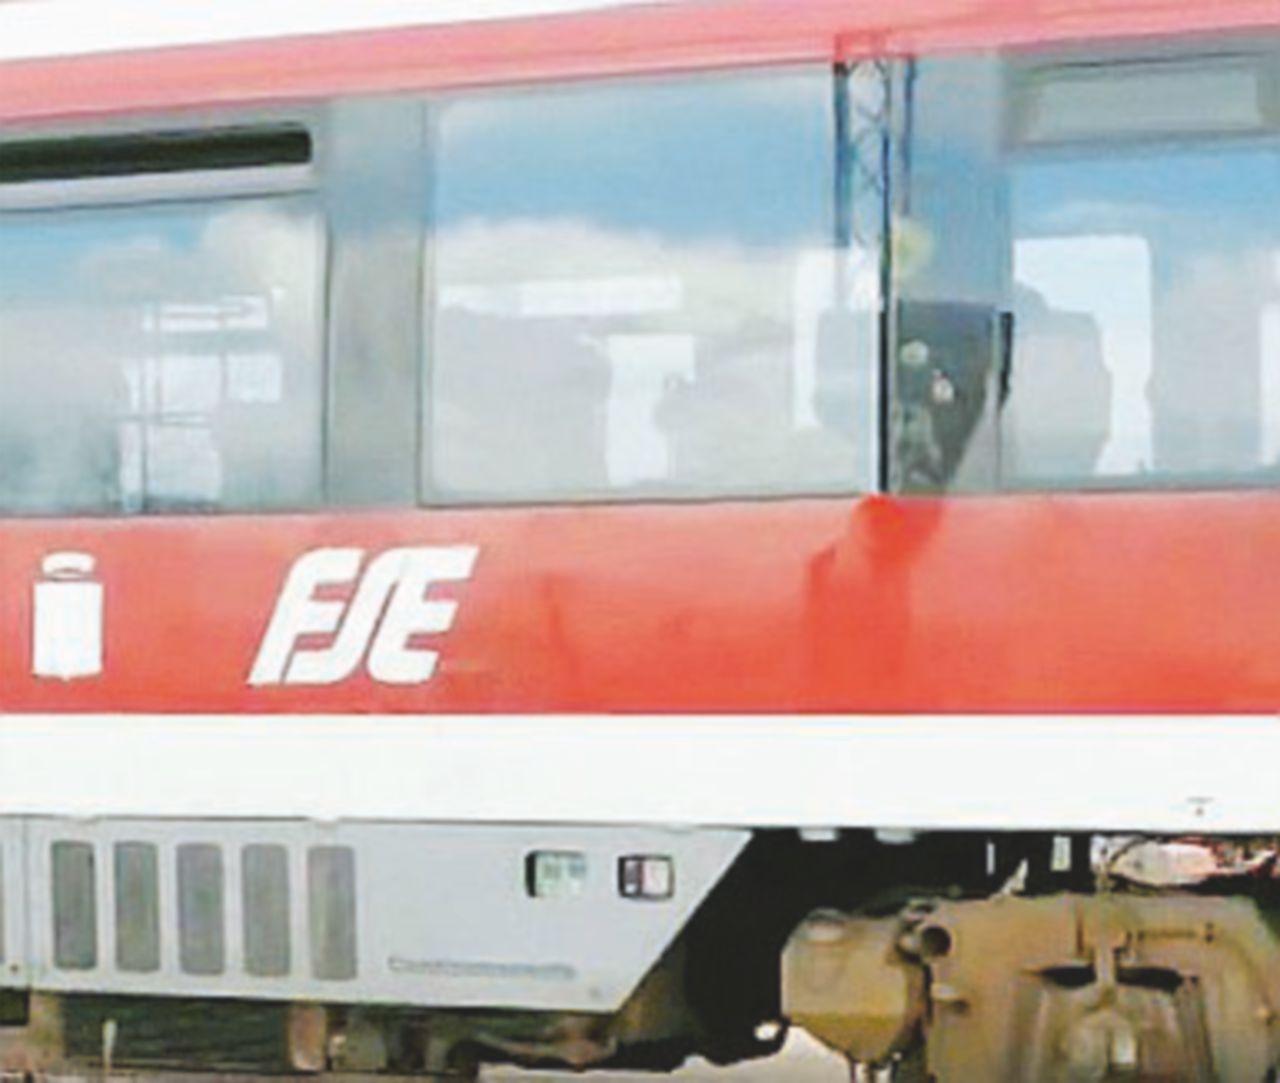 Bloccati 25 treni: ruote troppo usurate. Pendolari in rivolta